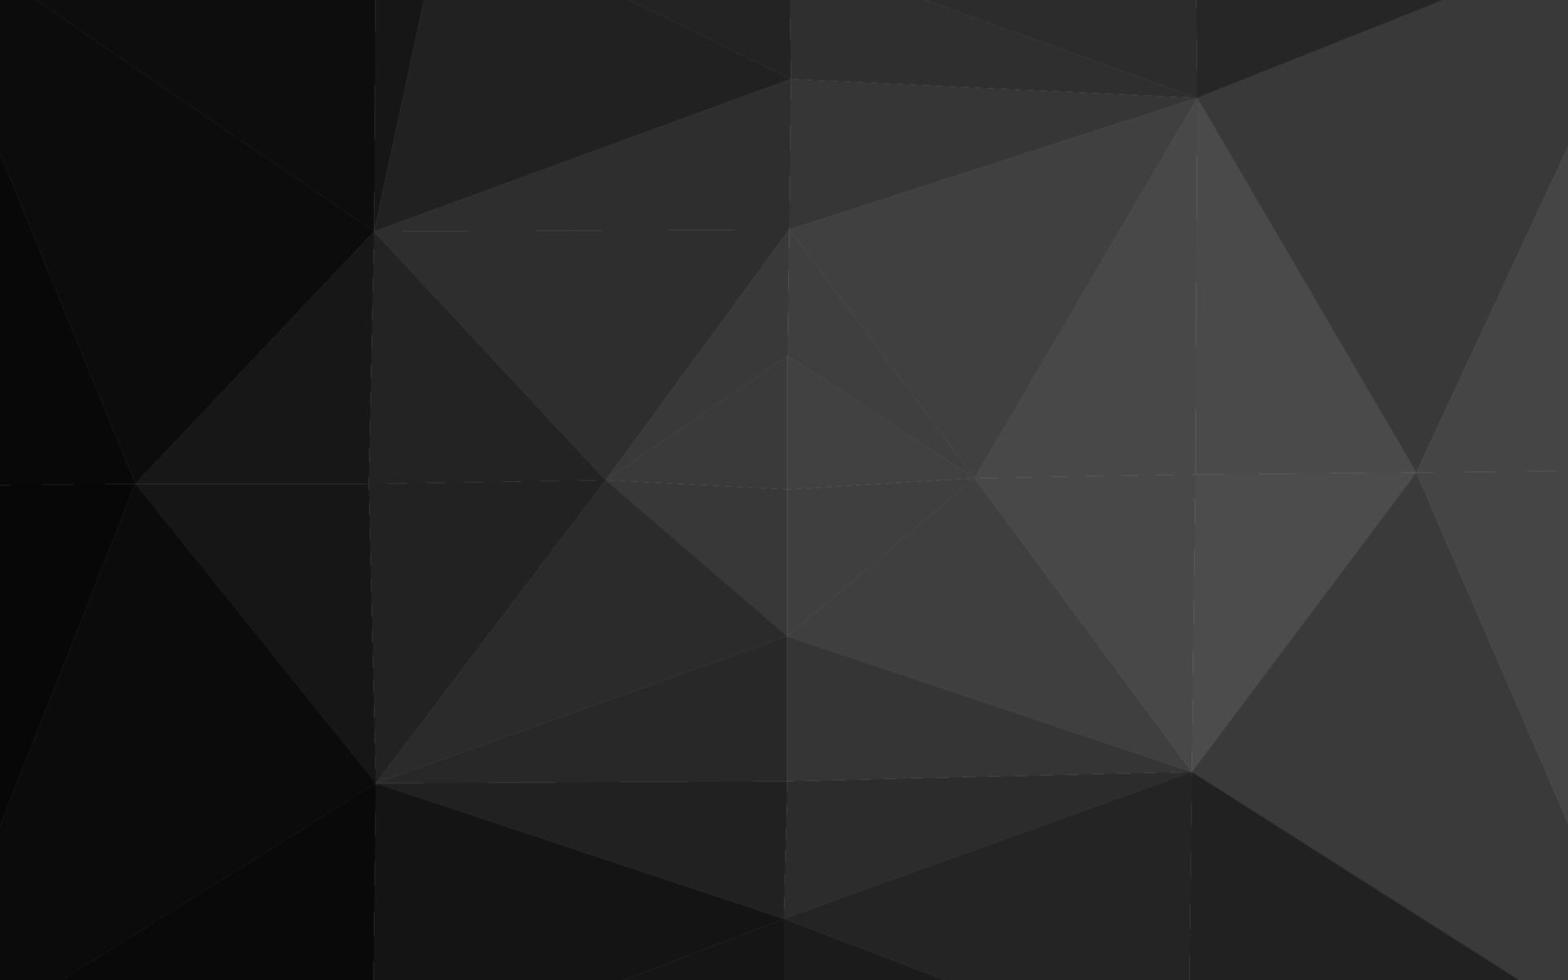 prata escura, padrão em mosaico abstrato cinza do vetor. vetor